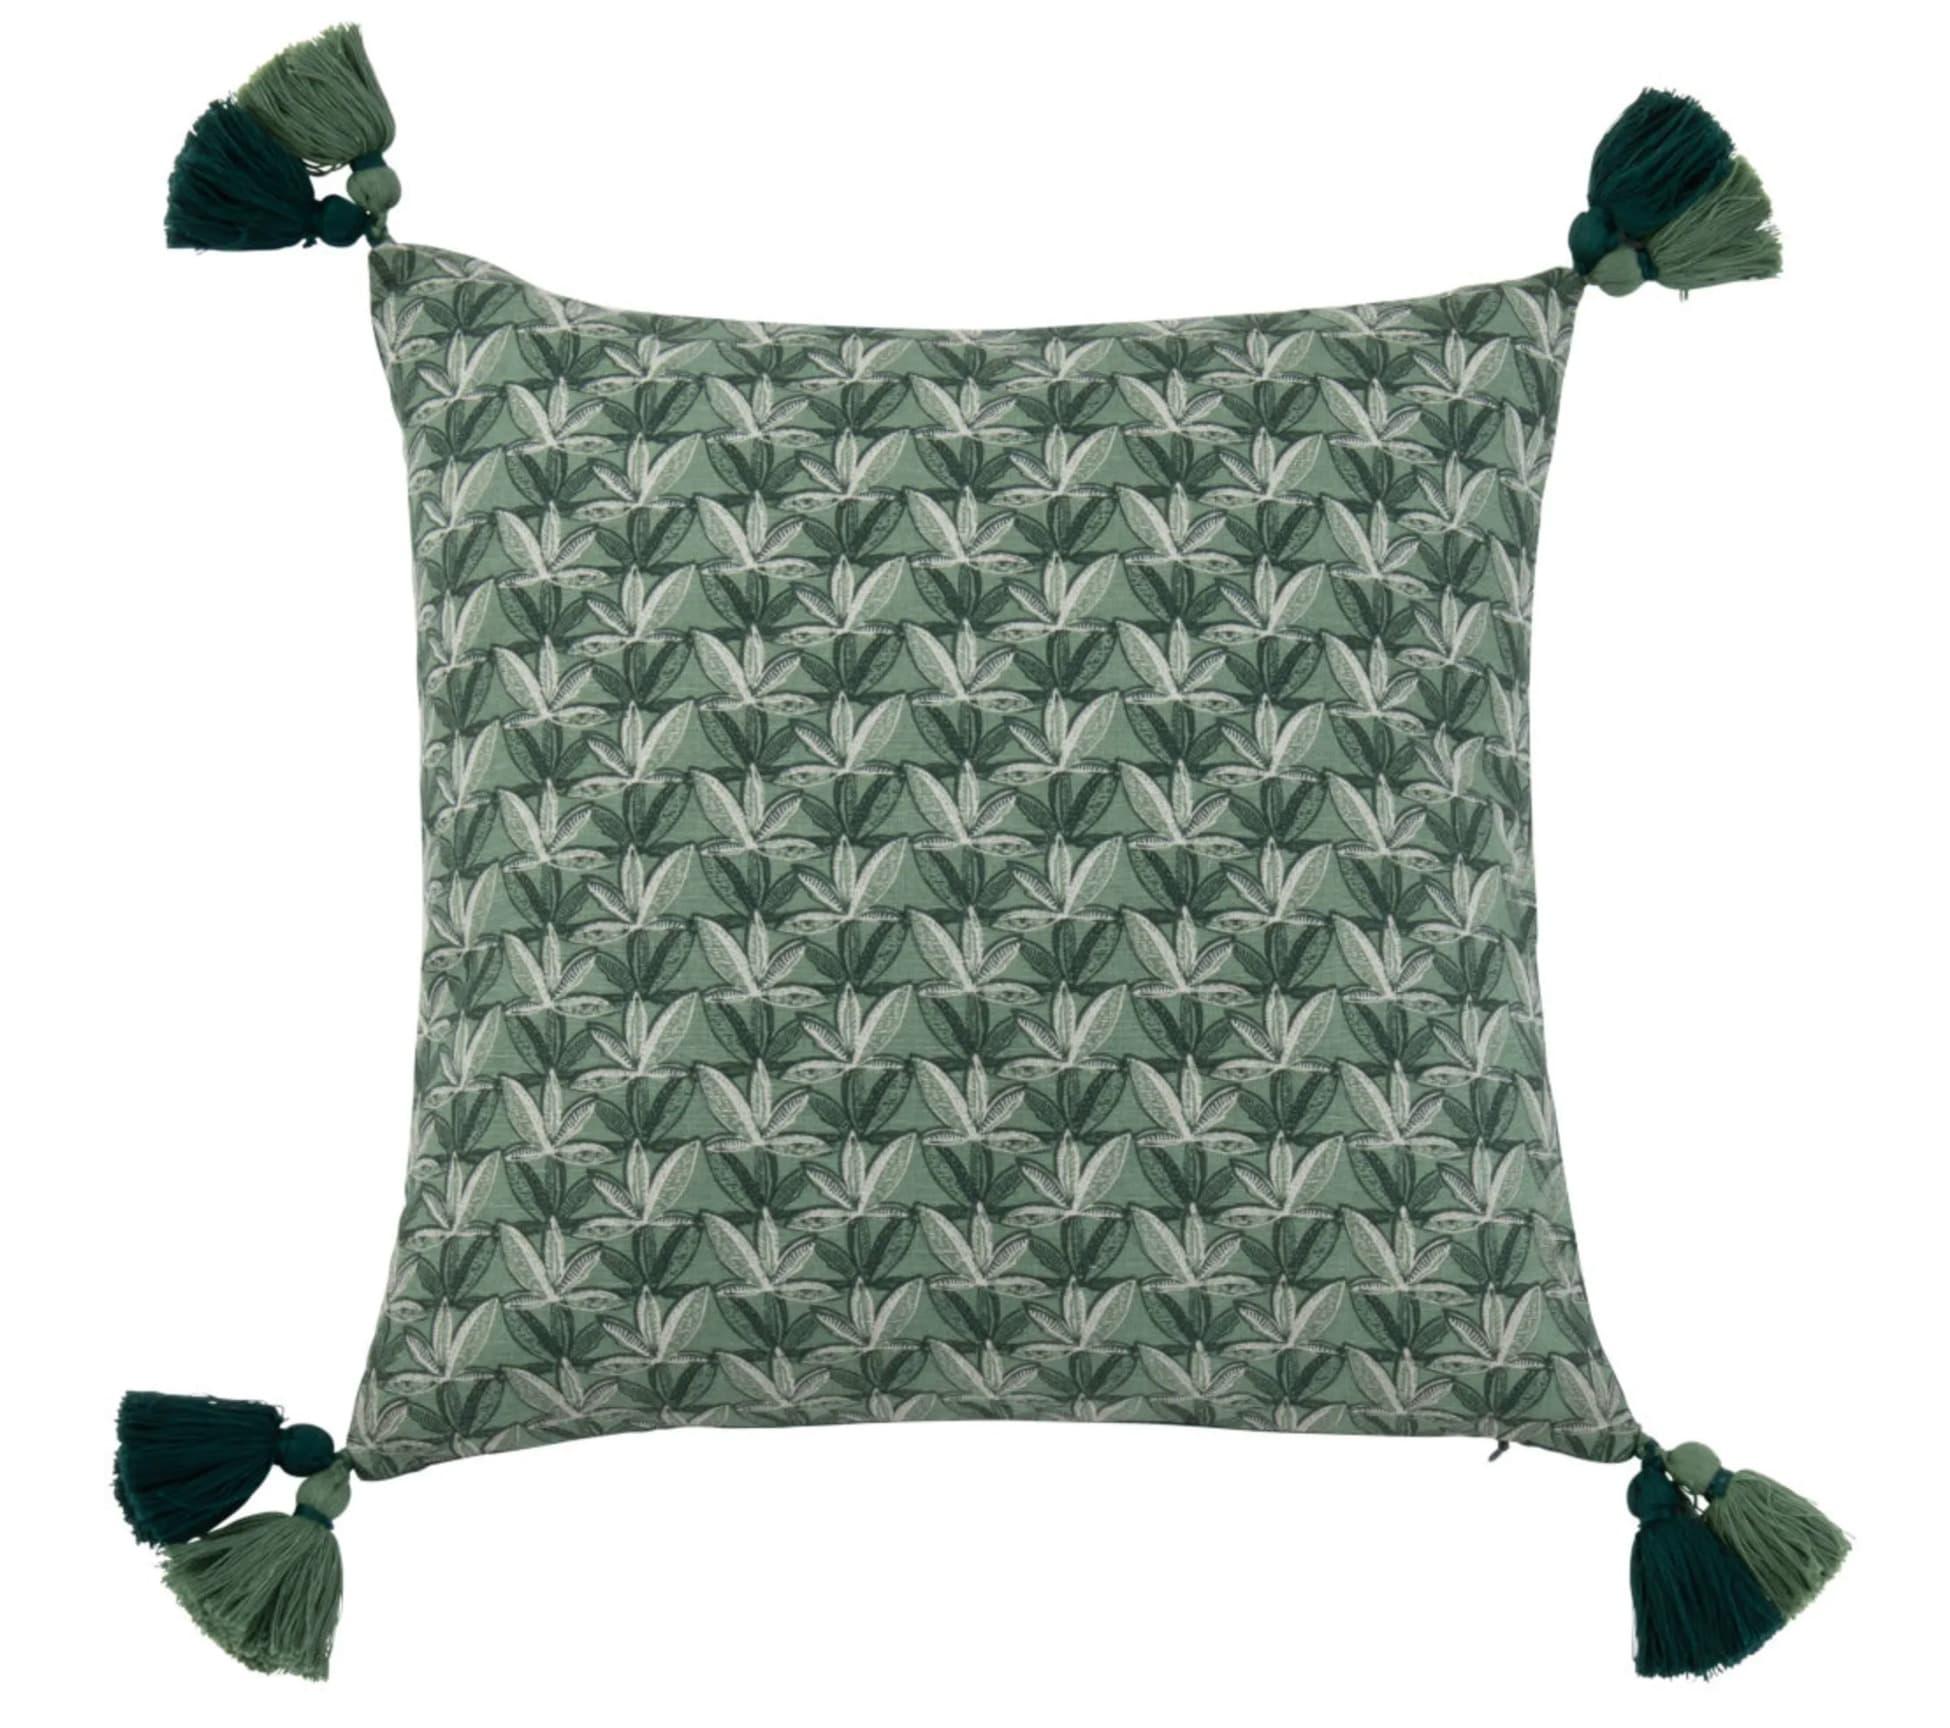 Funda de cojín de algodón ecológico con estampado verde y crudo 40 x 40